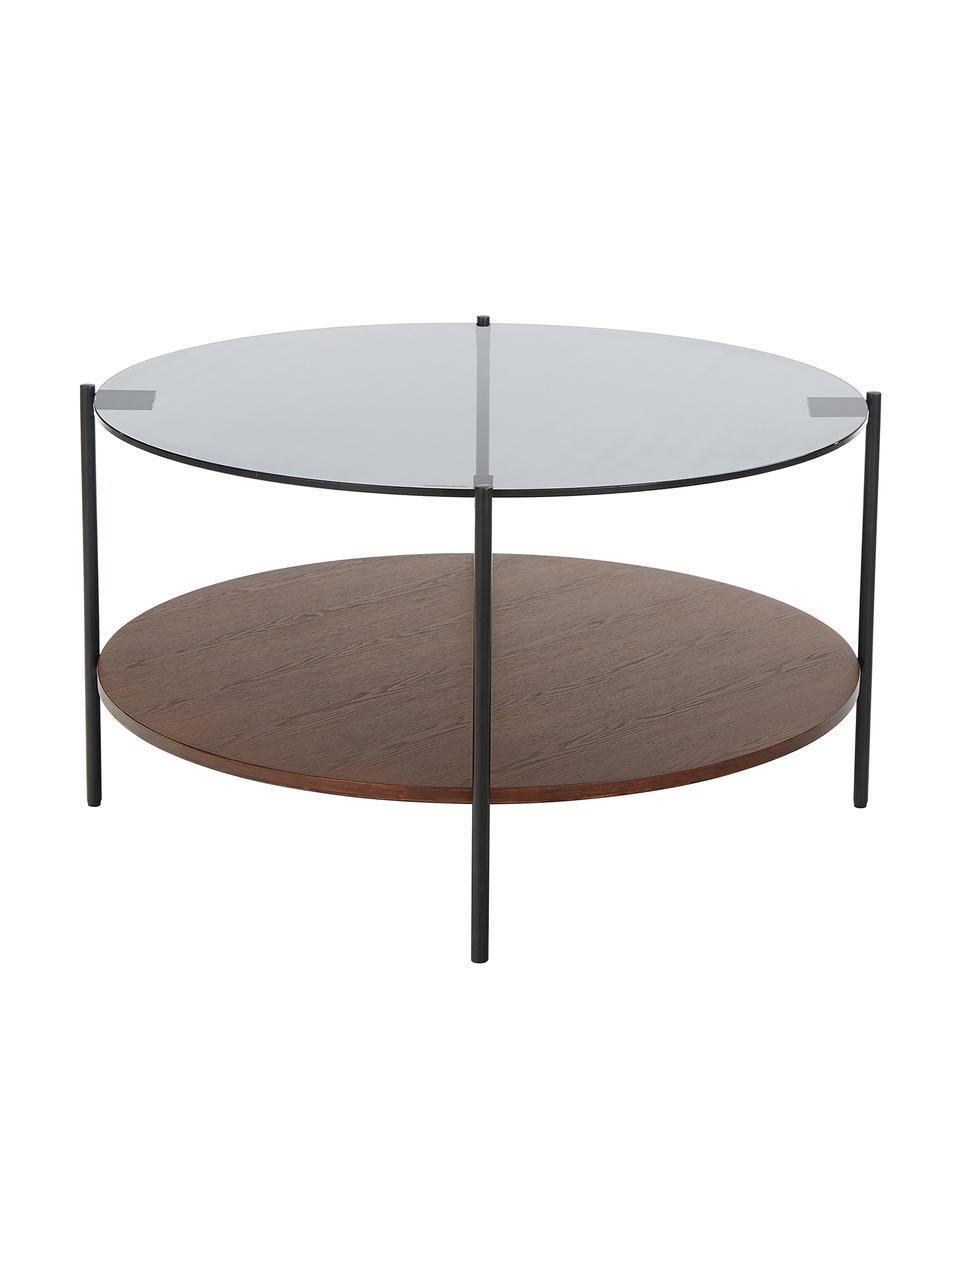 Table basse en verre Valentina, Plateau: verre, noir teinté Tablette: placage en frêne, brun